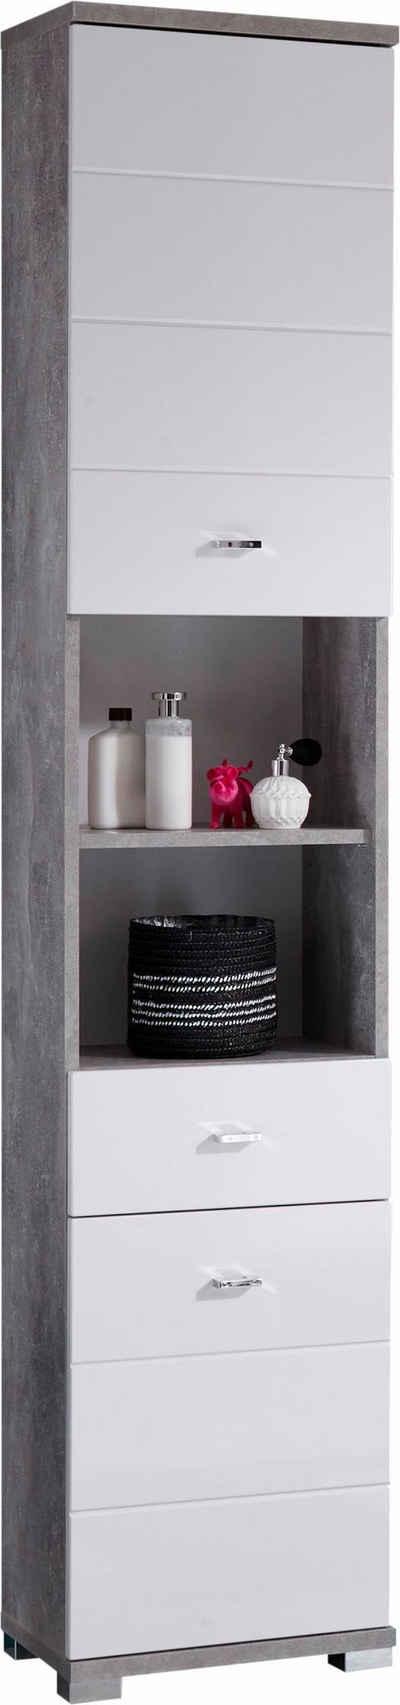 Bad-Hochschrank » Badezimmer Hochschrank schmal & breit | OTTO